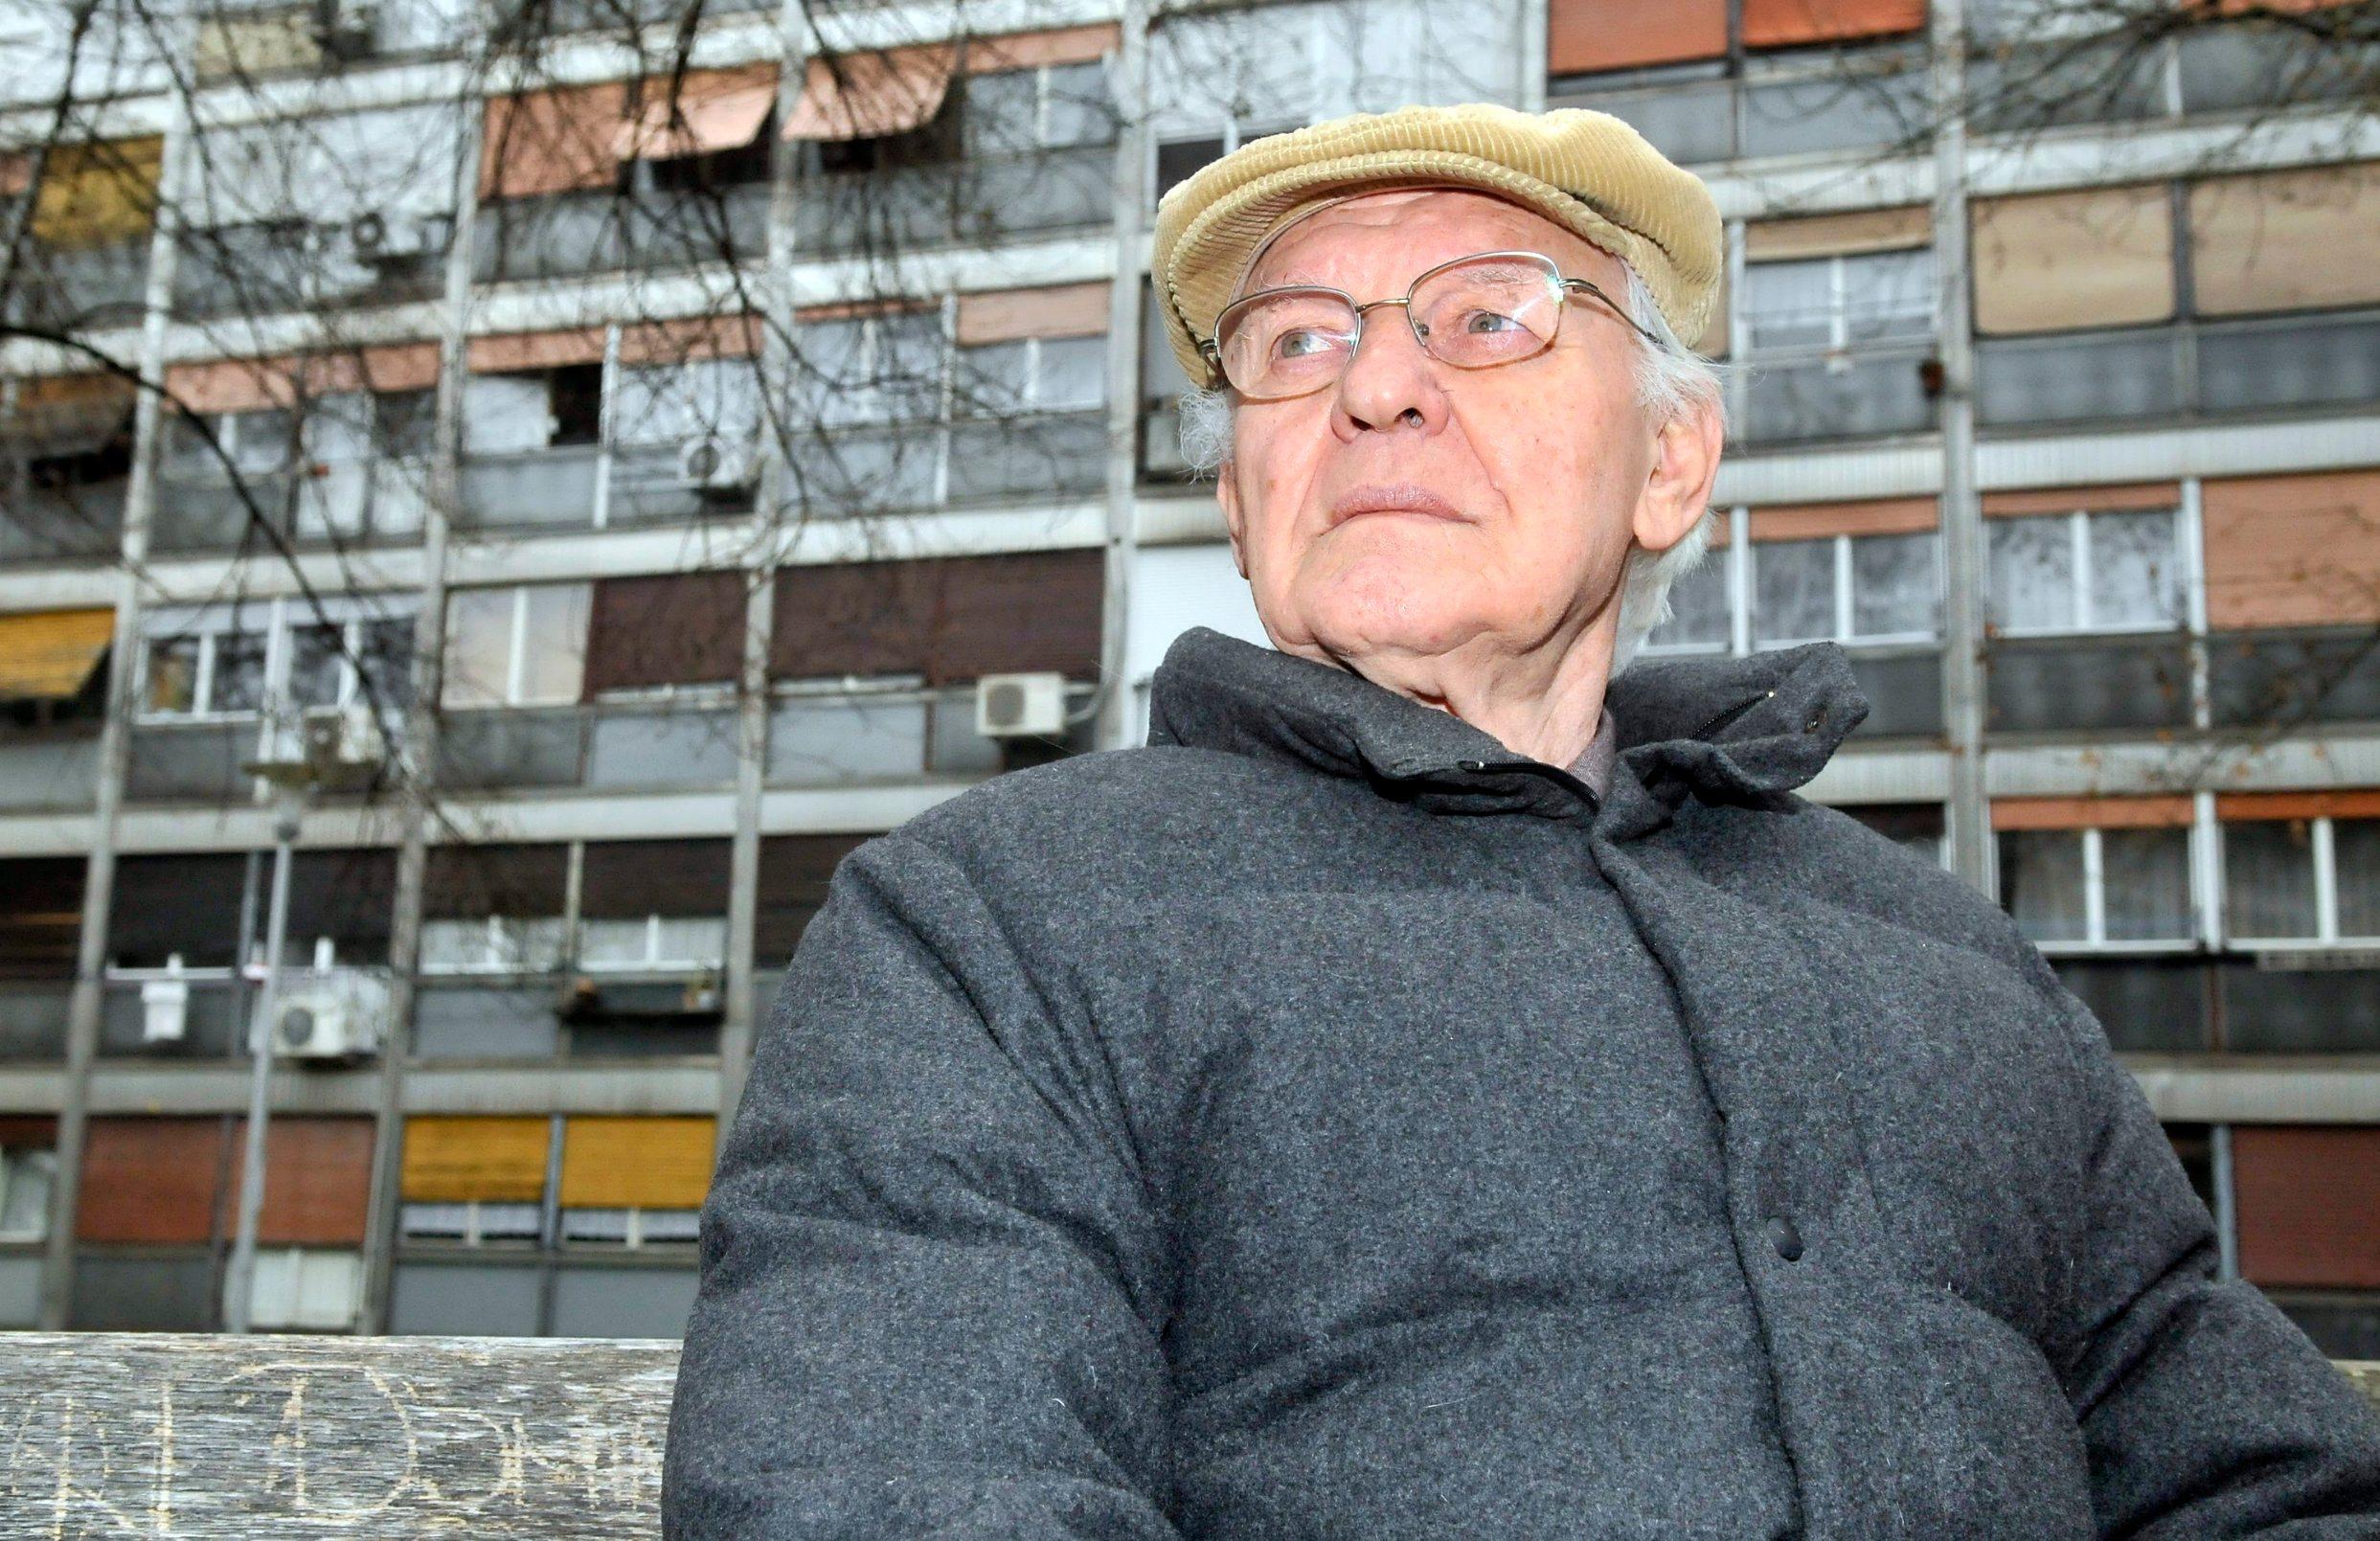 Bogdan Budimirov